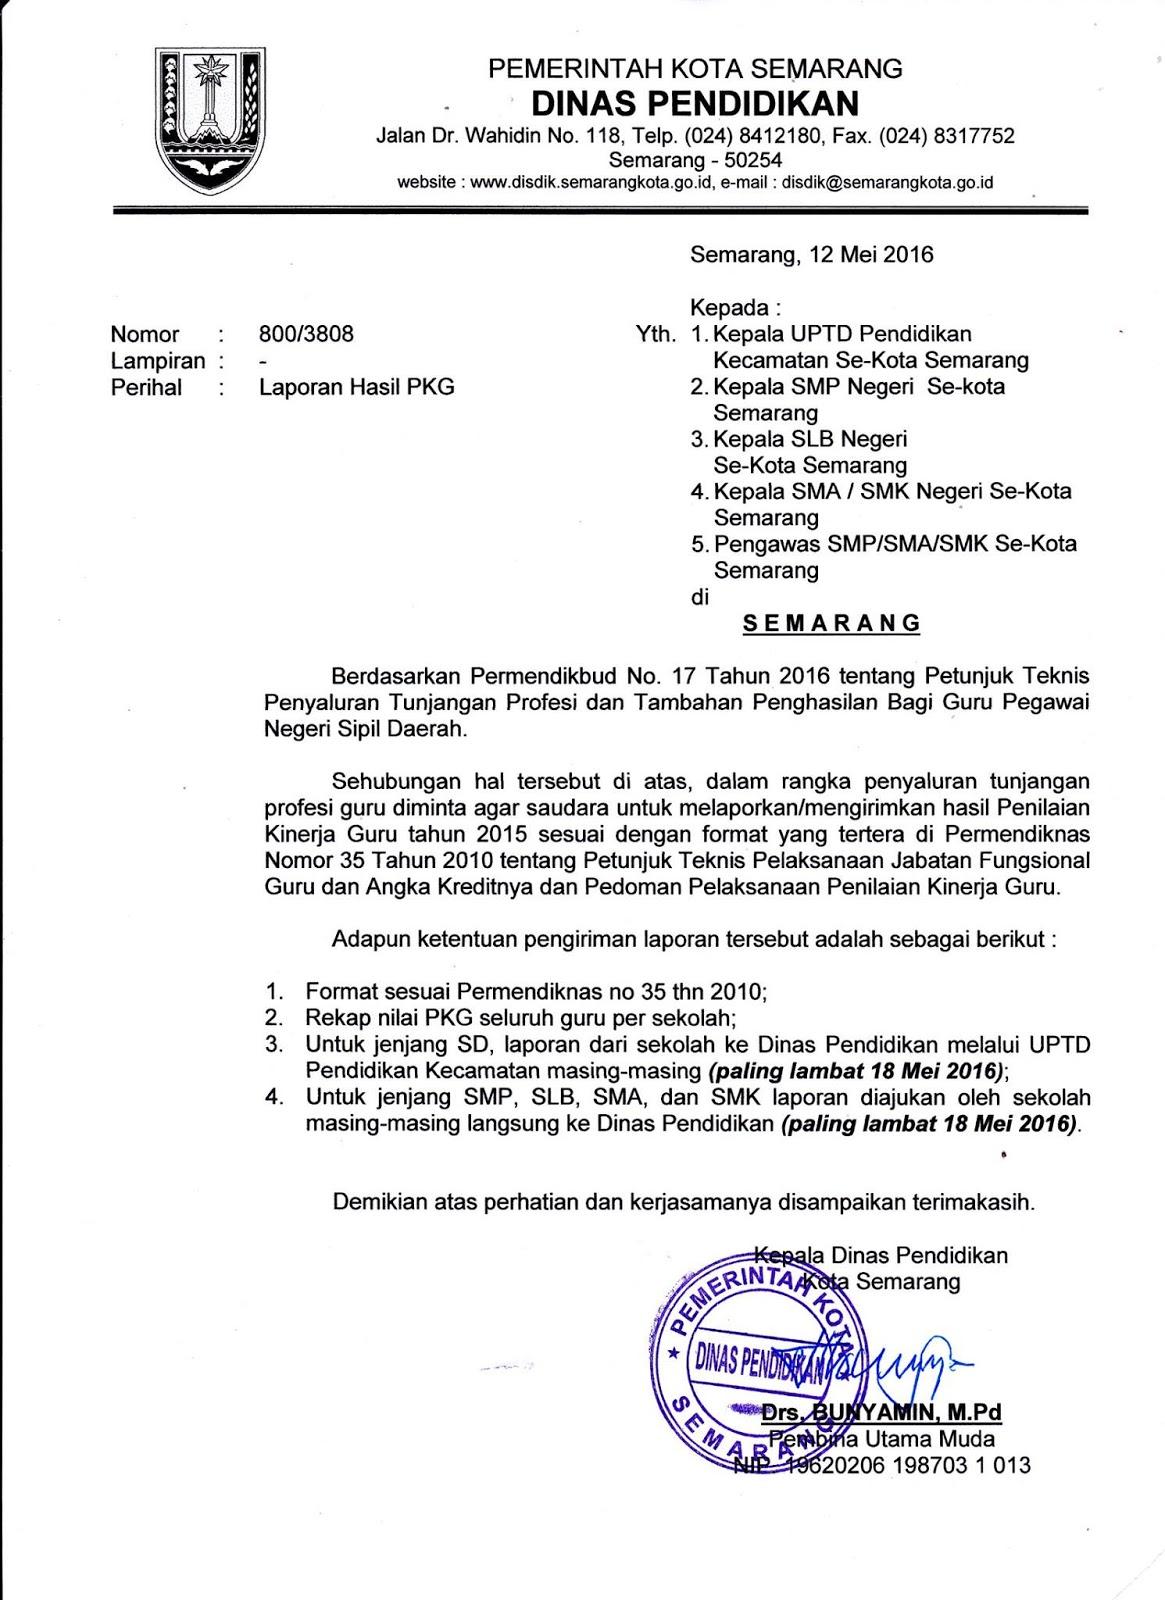 Uptd Pendidikan Kecamatan Genuk 2016